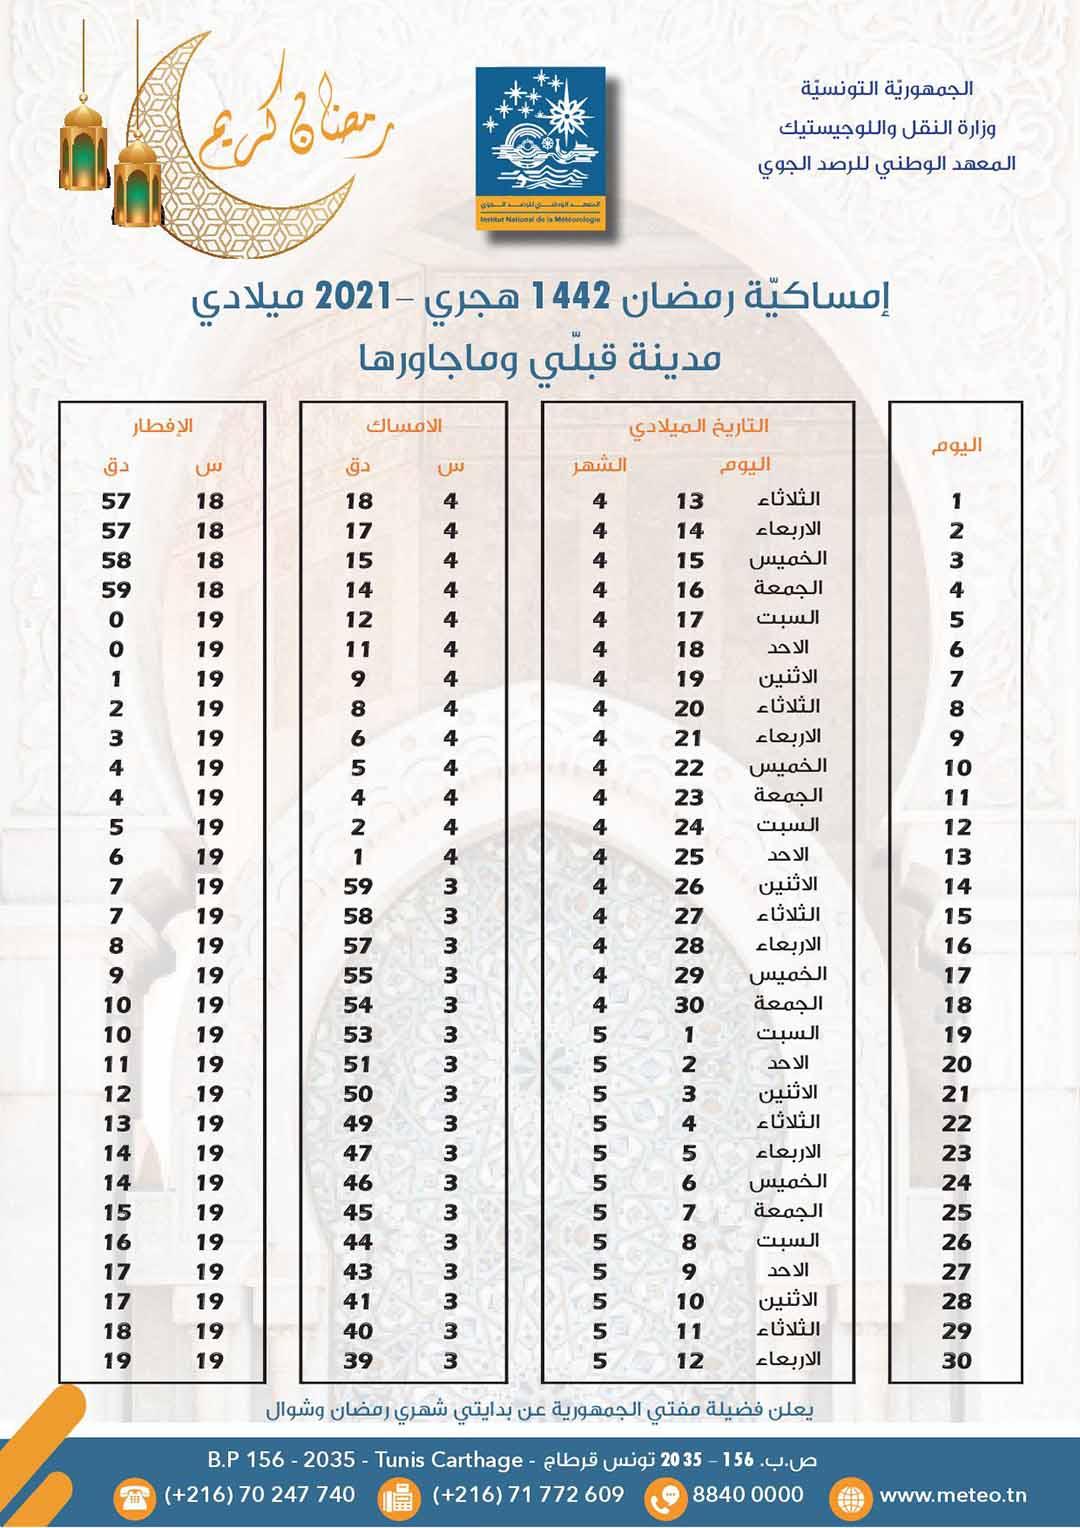 مواعيد الافطار و السحور في ولاية قبلي رمضان 2021 1 - هام: مواعيد الافطار والامساك لشهر رمضان حسب الولايات..